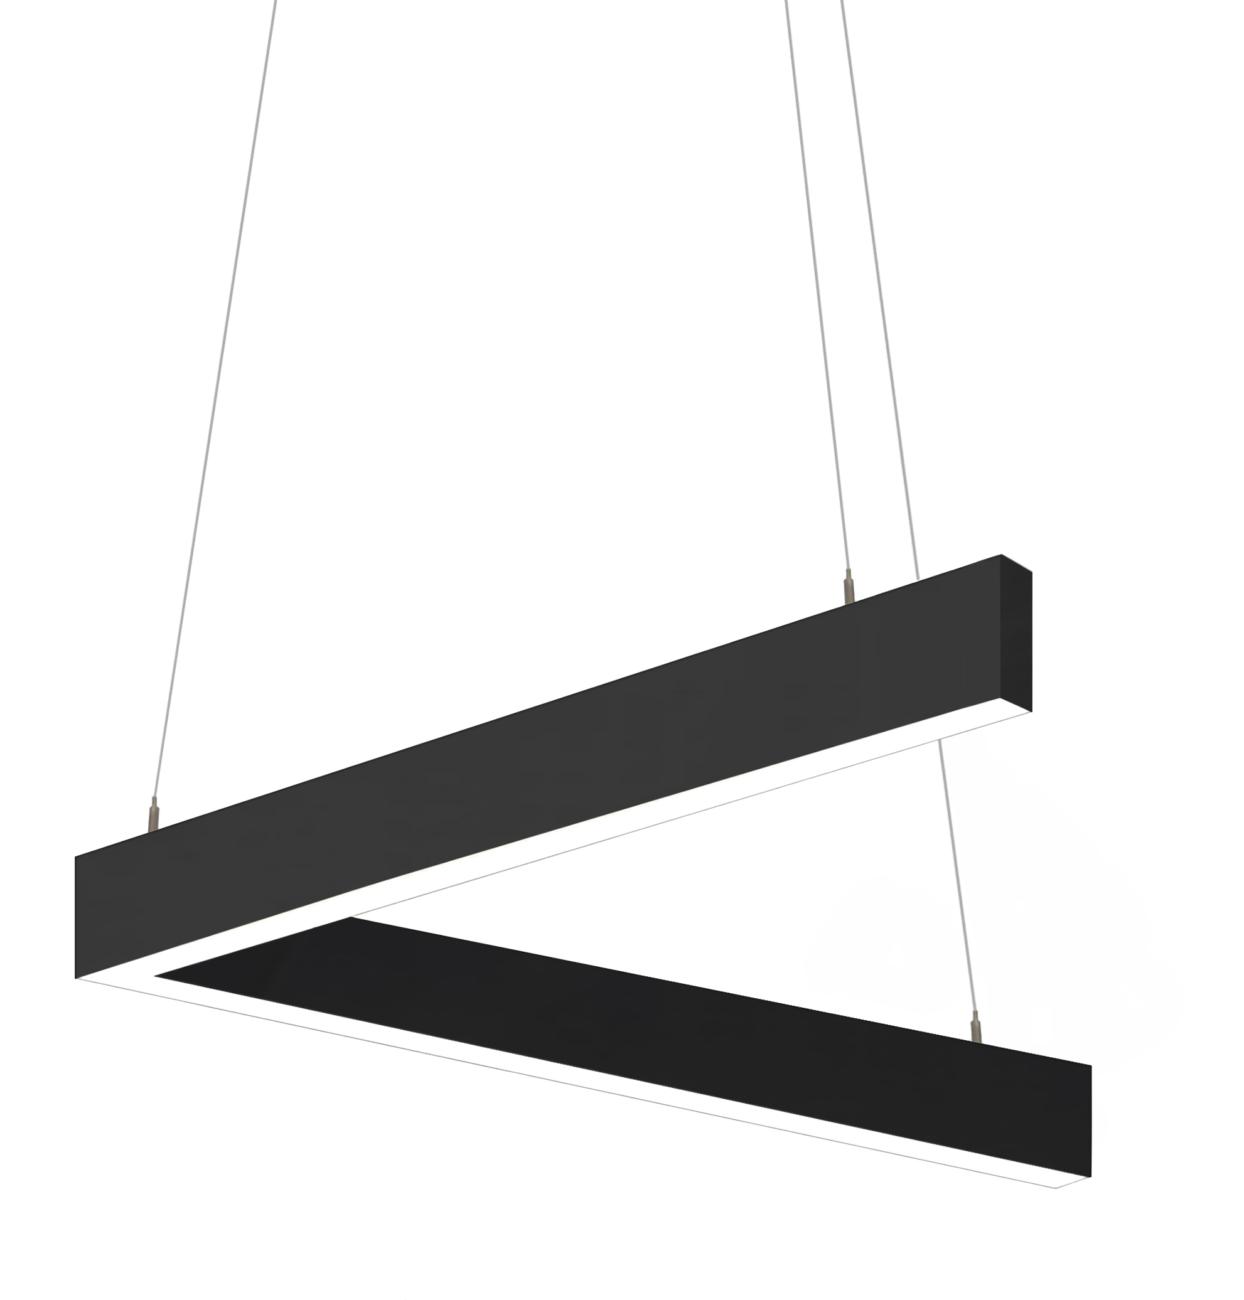 Светильник Style-3567. 1000×1500мм. 4000К/3000К. 43W/90W купить во Владивостоке